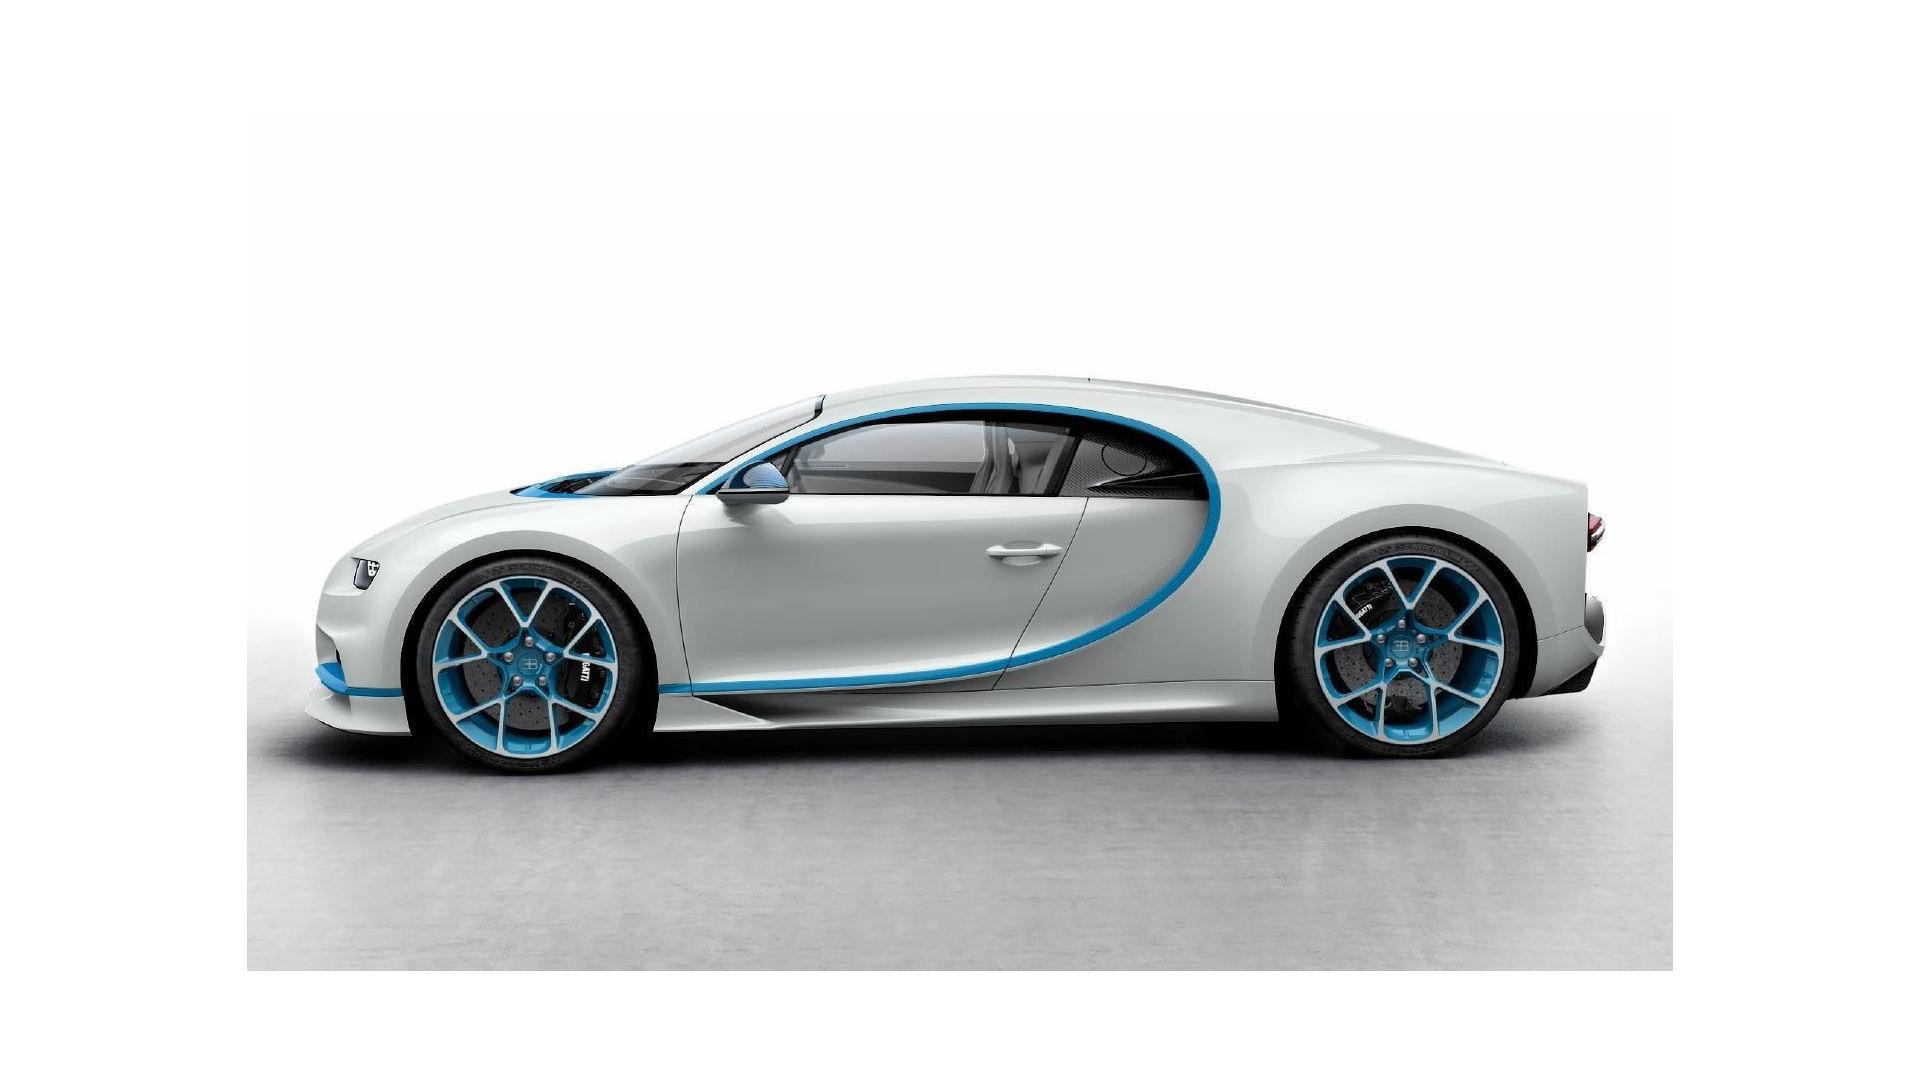 2018-bugatti-chiron-for-sale Terrific Bugatti Veyron 2017 for Sale Cars Trend